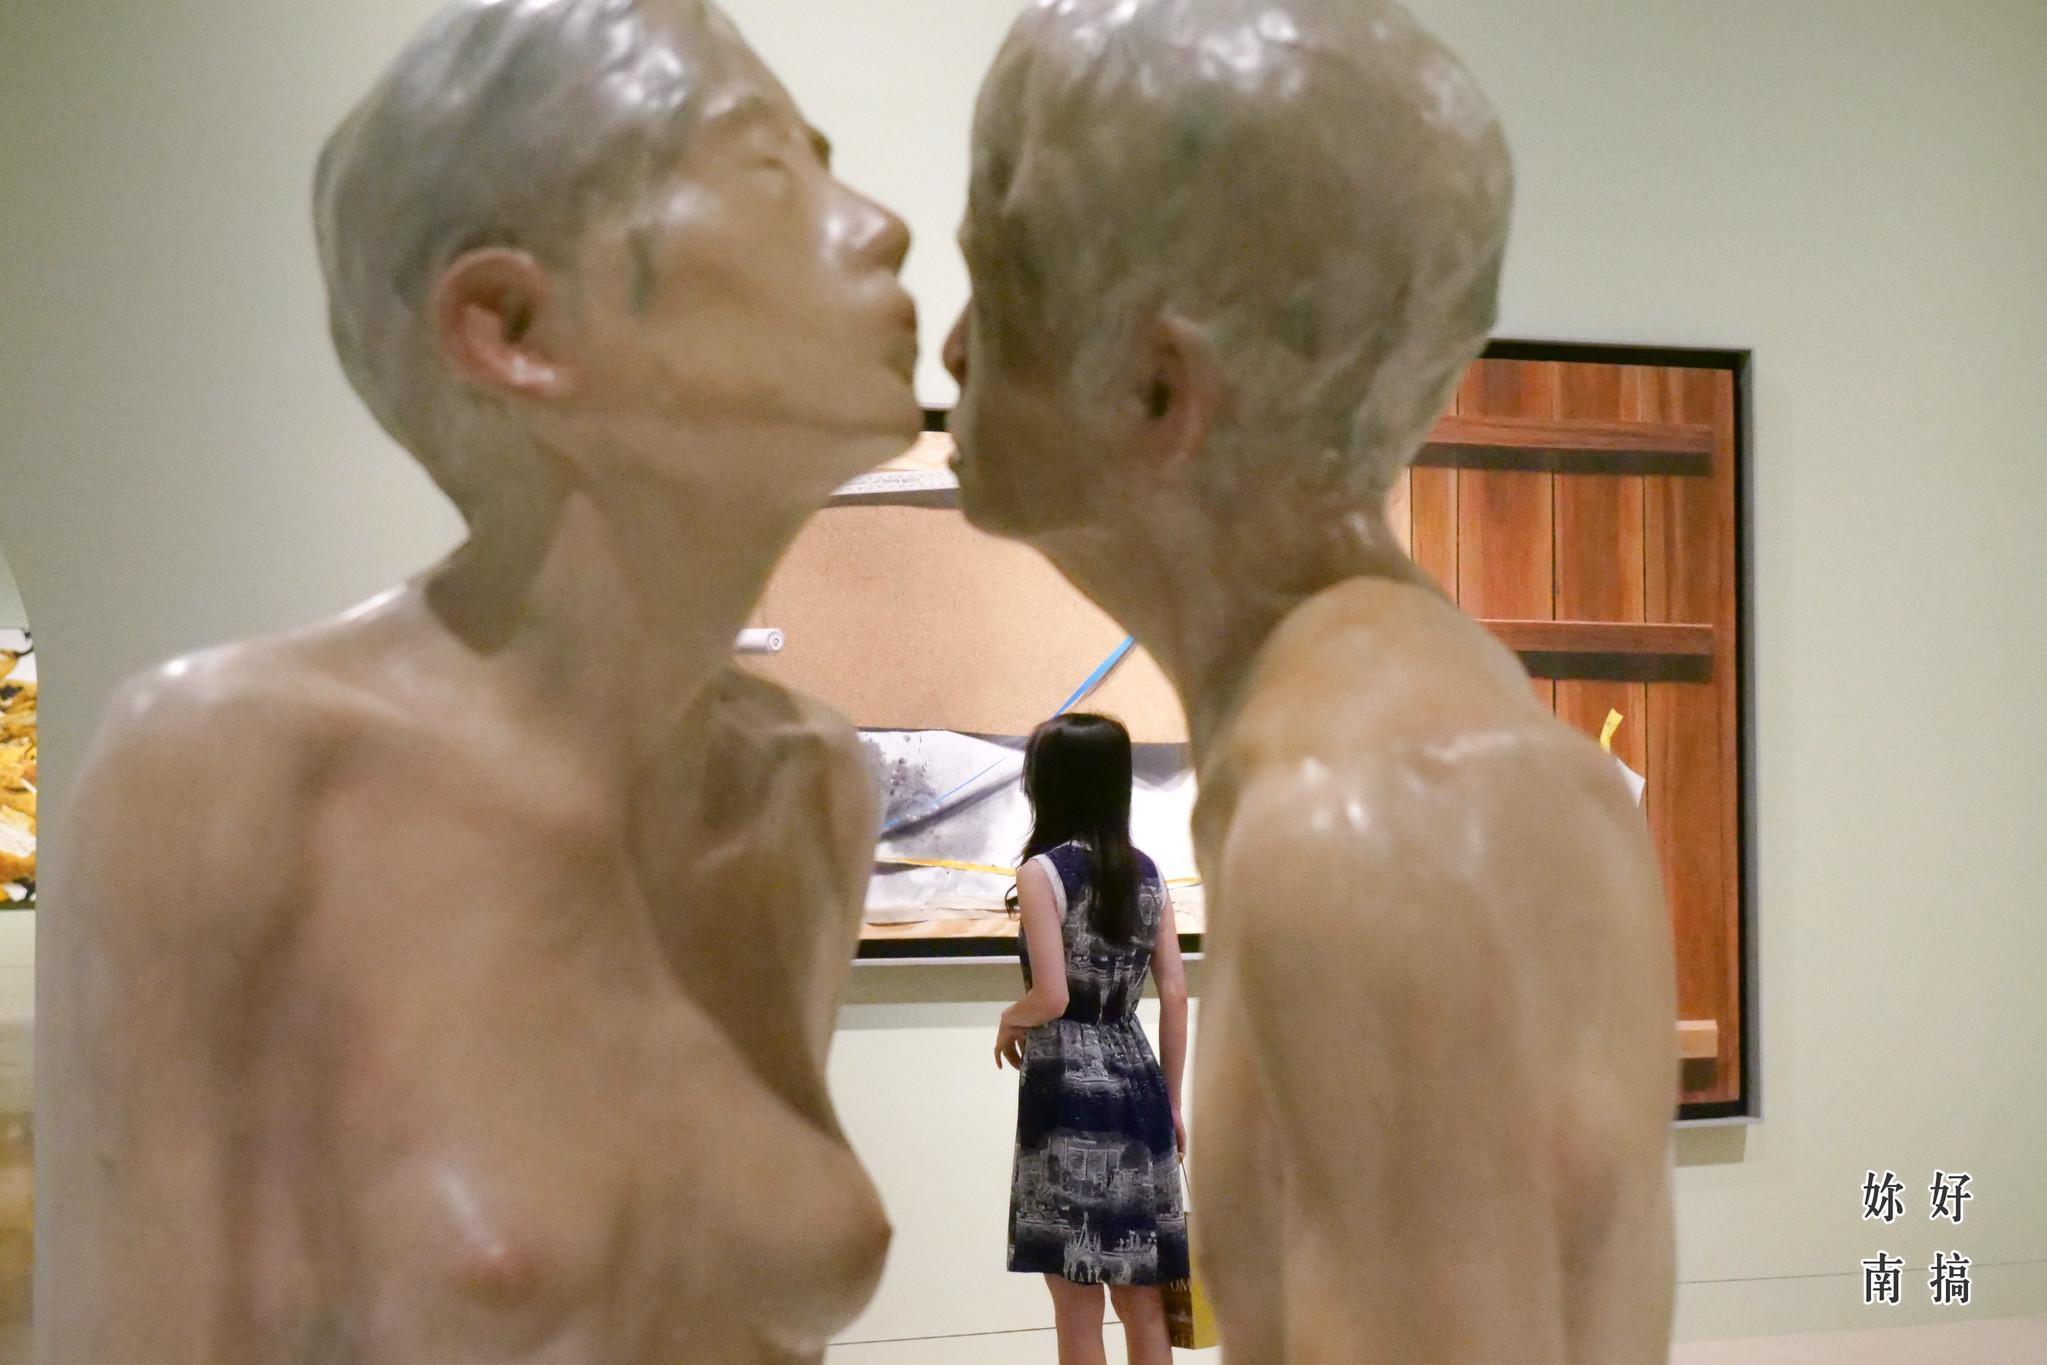 奇麗之美-奇美博物館-09-妳好南搞